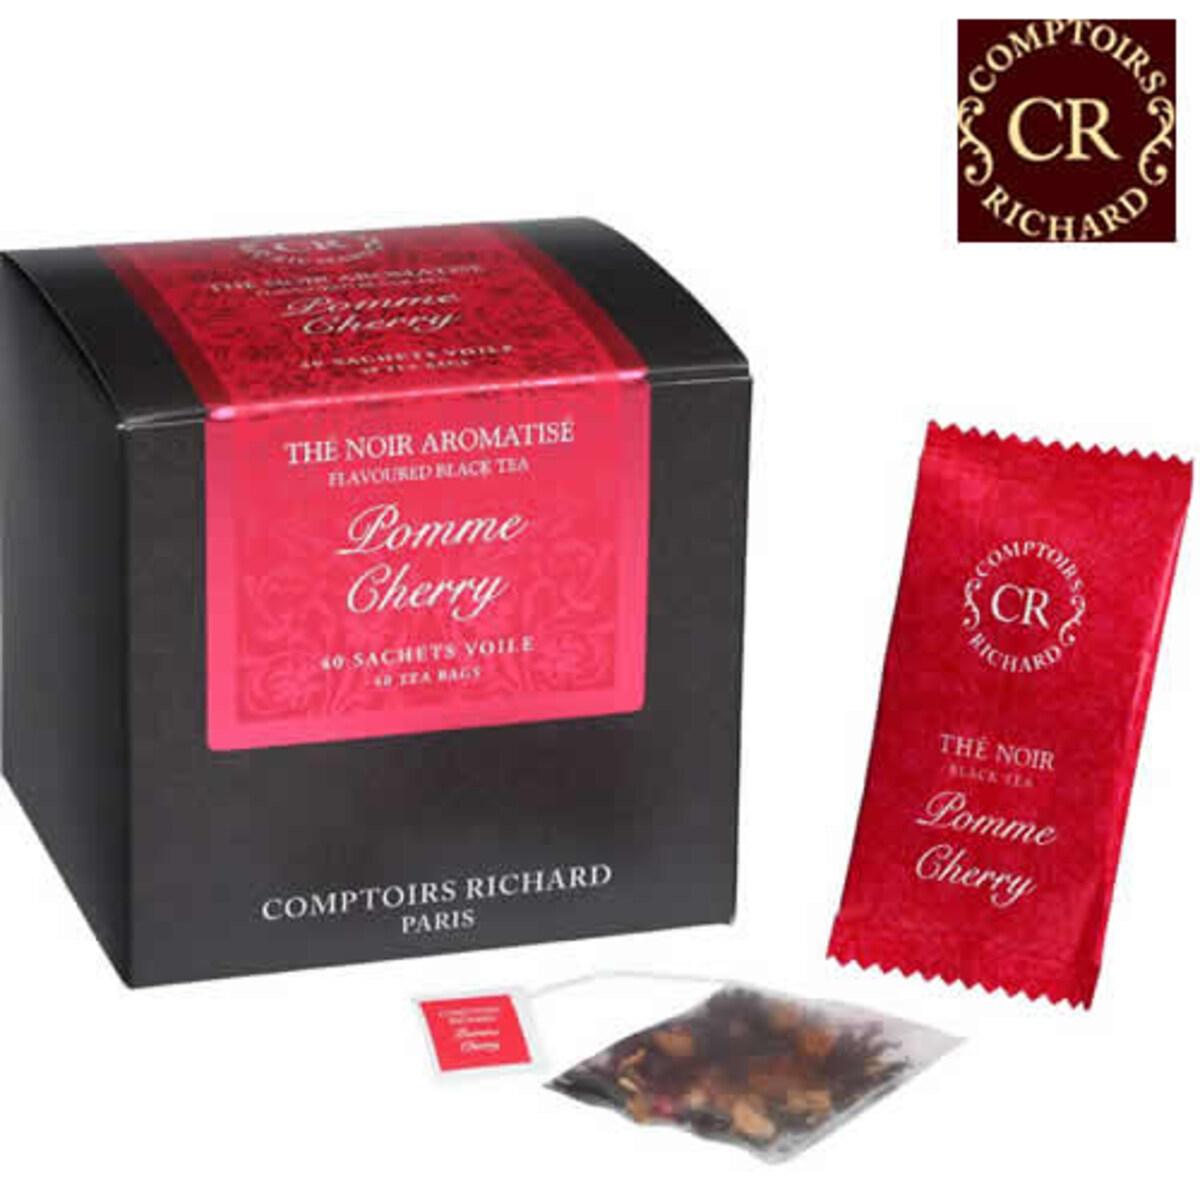 Comptoirs Richard Pomme Cherry - 40бр сашета плодов черен чай ябълка и череша